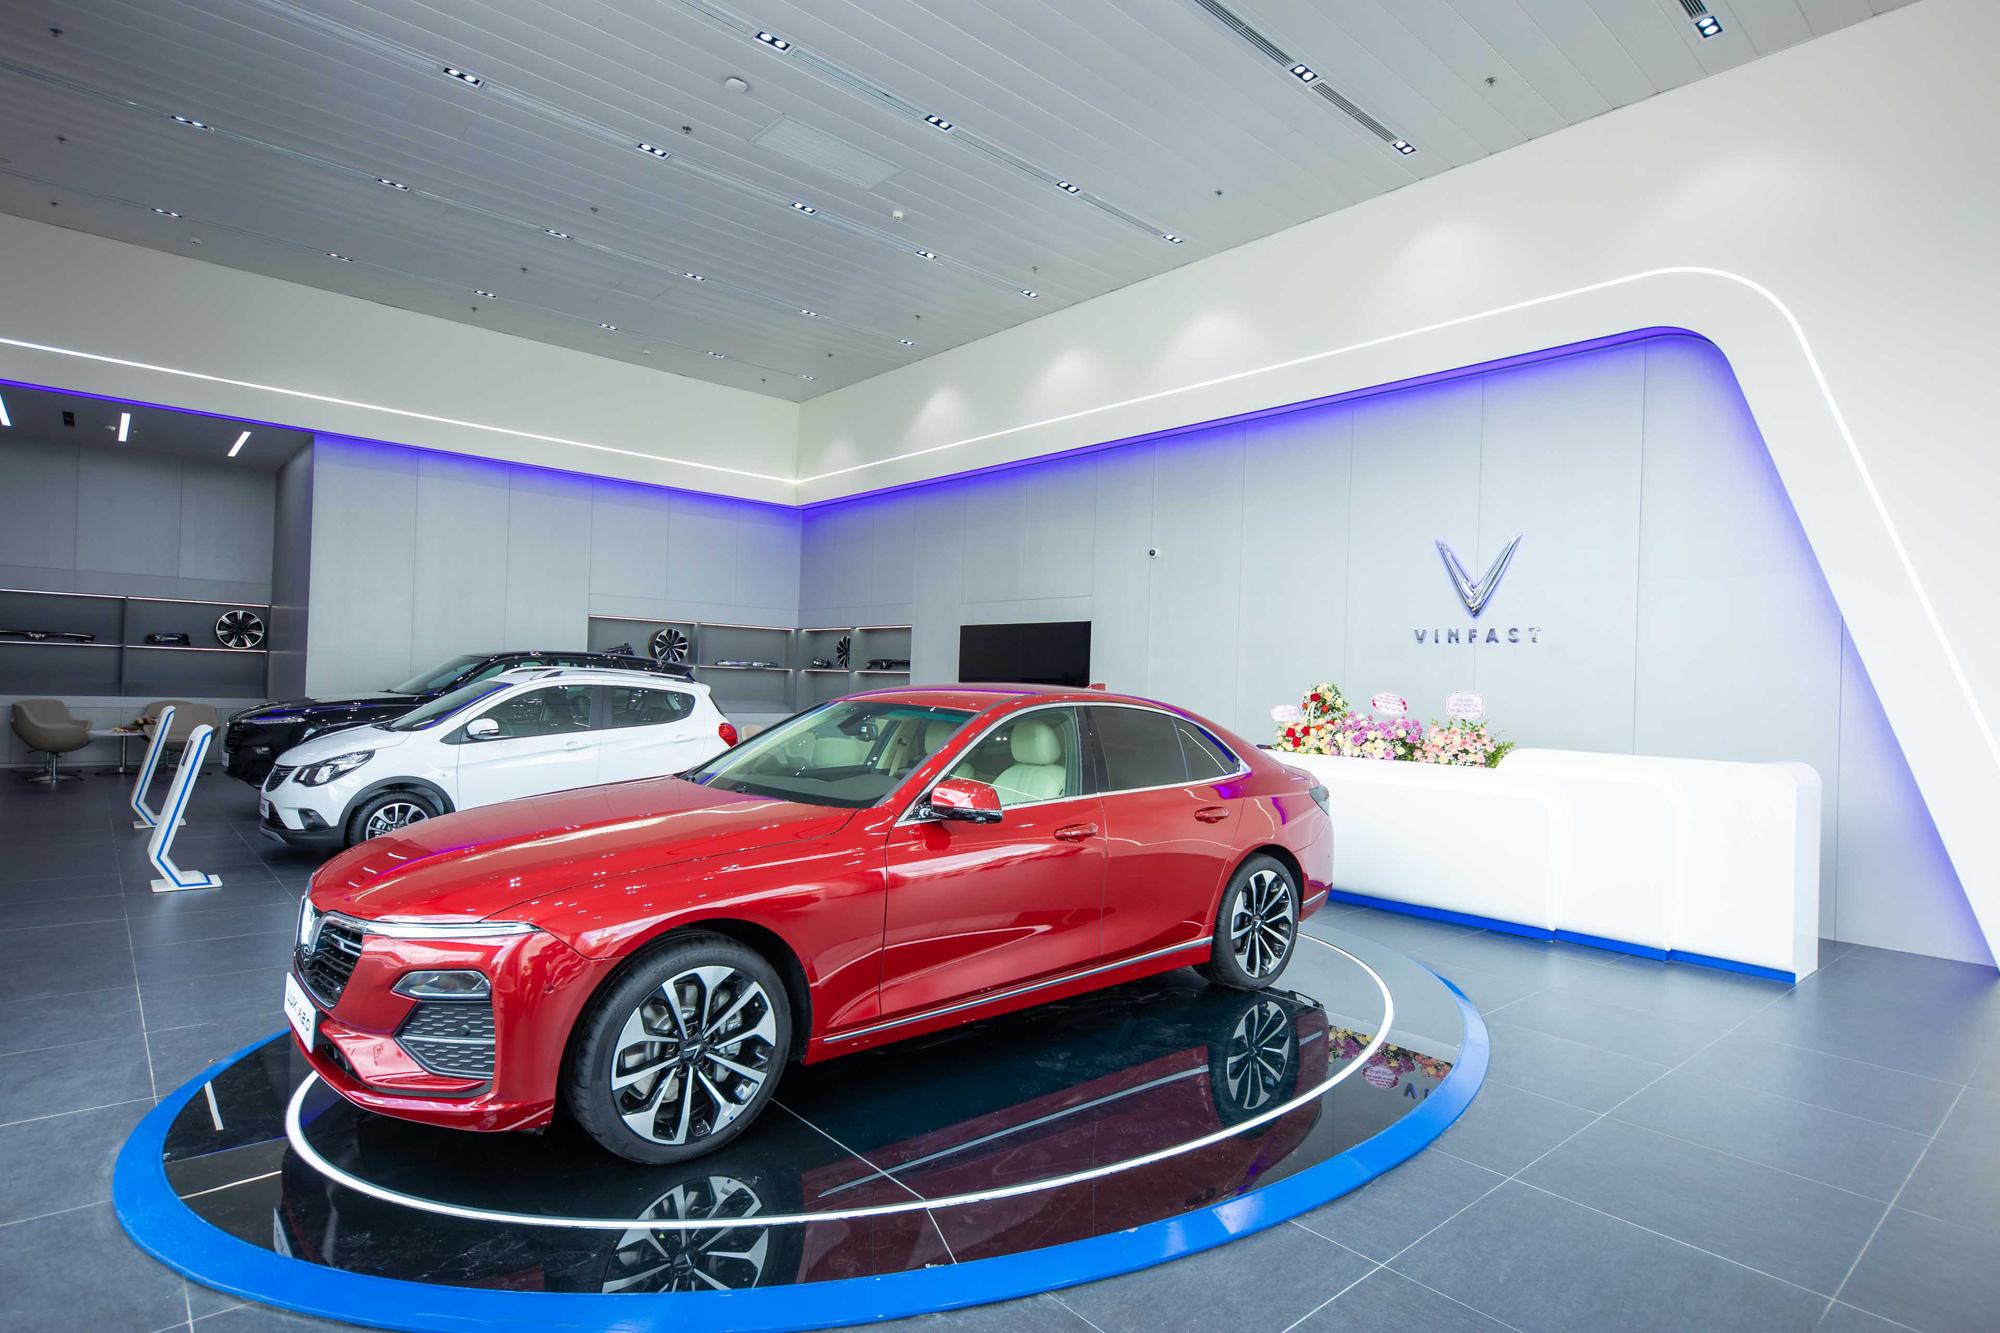 """VinFast khai trương showroom 3S Cẩm Phả, """"trình làng"""" diện mạo hoàn toàn mới - Ảnh 2."""